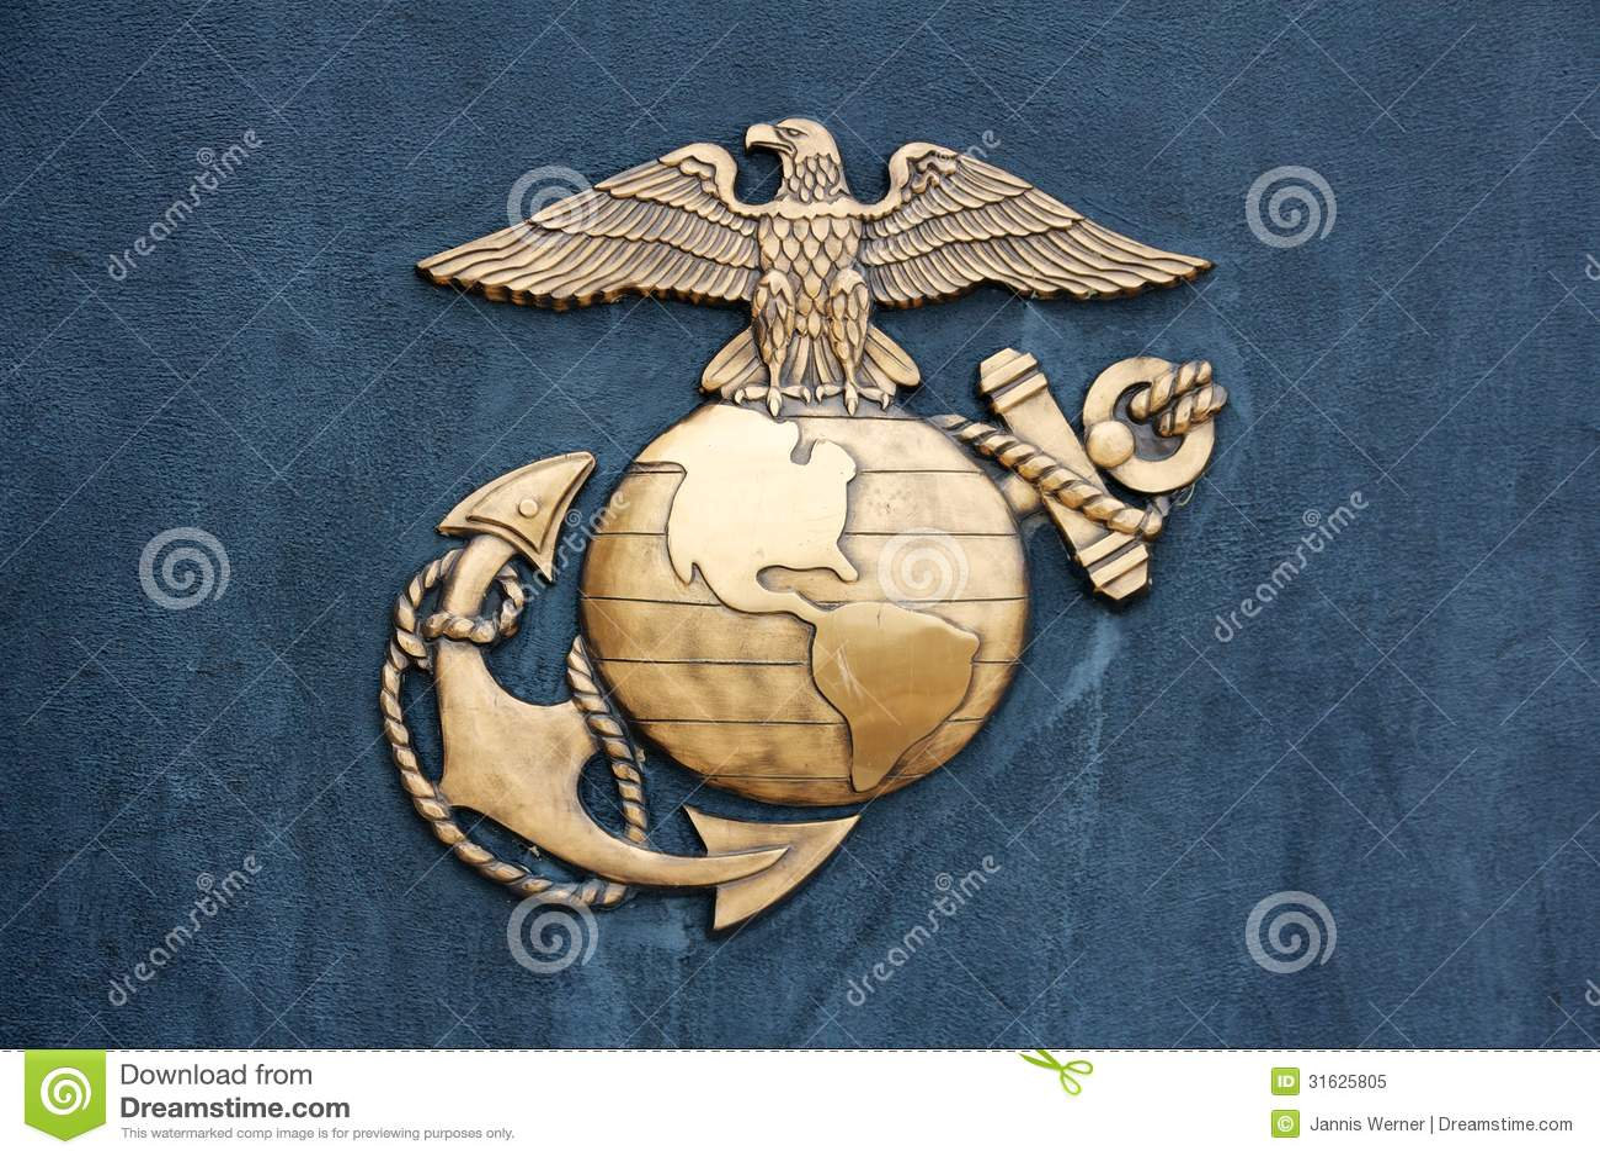 Verenigde Staten Marine Corps Insignia in Goud op Blauw